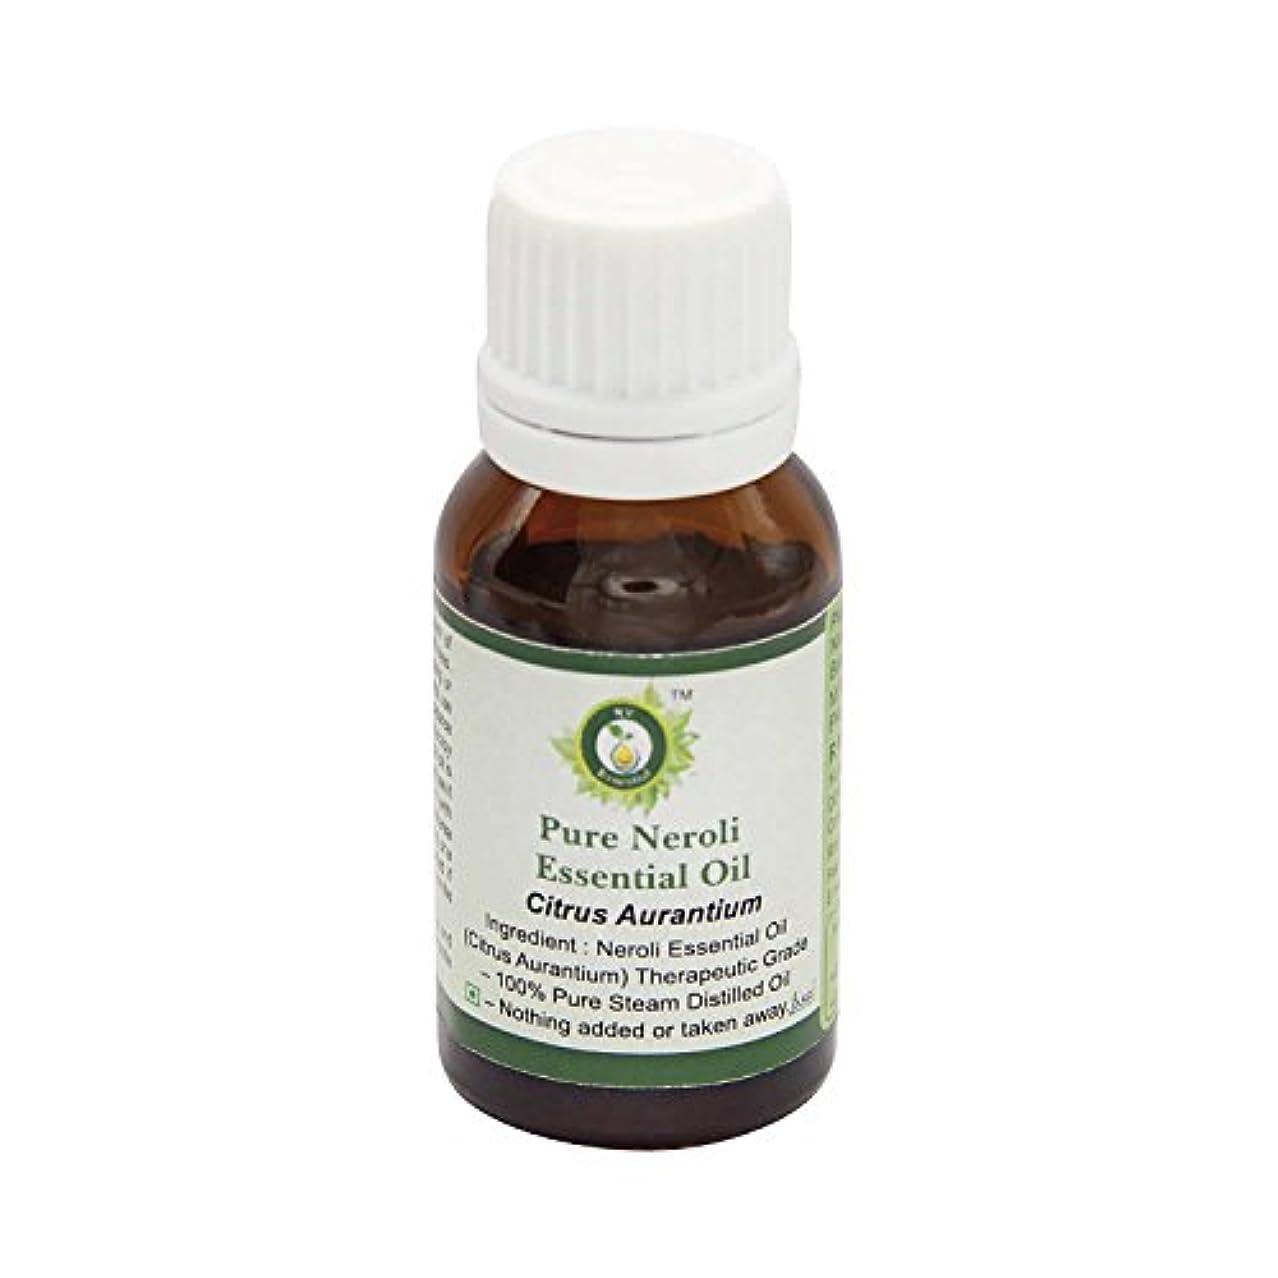 呼び起こす水を飲む孤独なR V Essential ピュアネロリエッセンシャルオイル10ml (0.338oz)- Citrus Aurantium (100%純粋&天然スチームDistilled) Pure Neroli Essential...